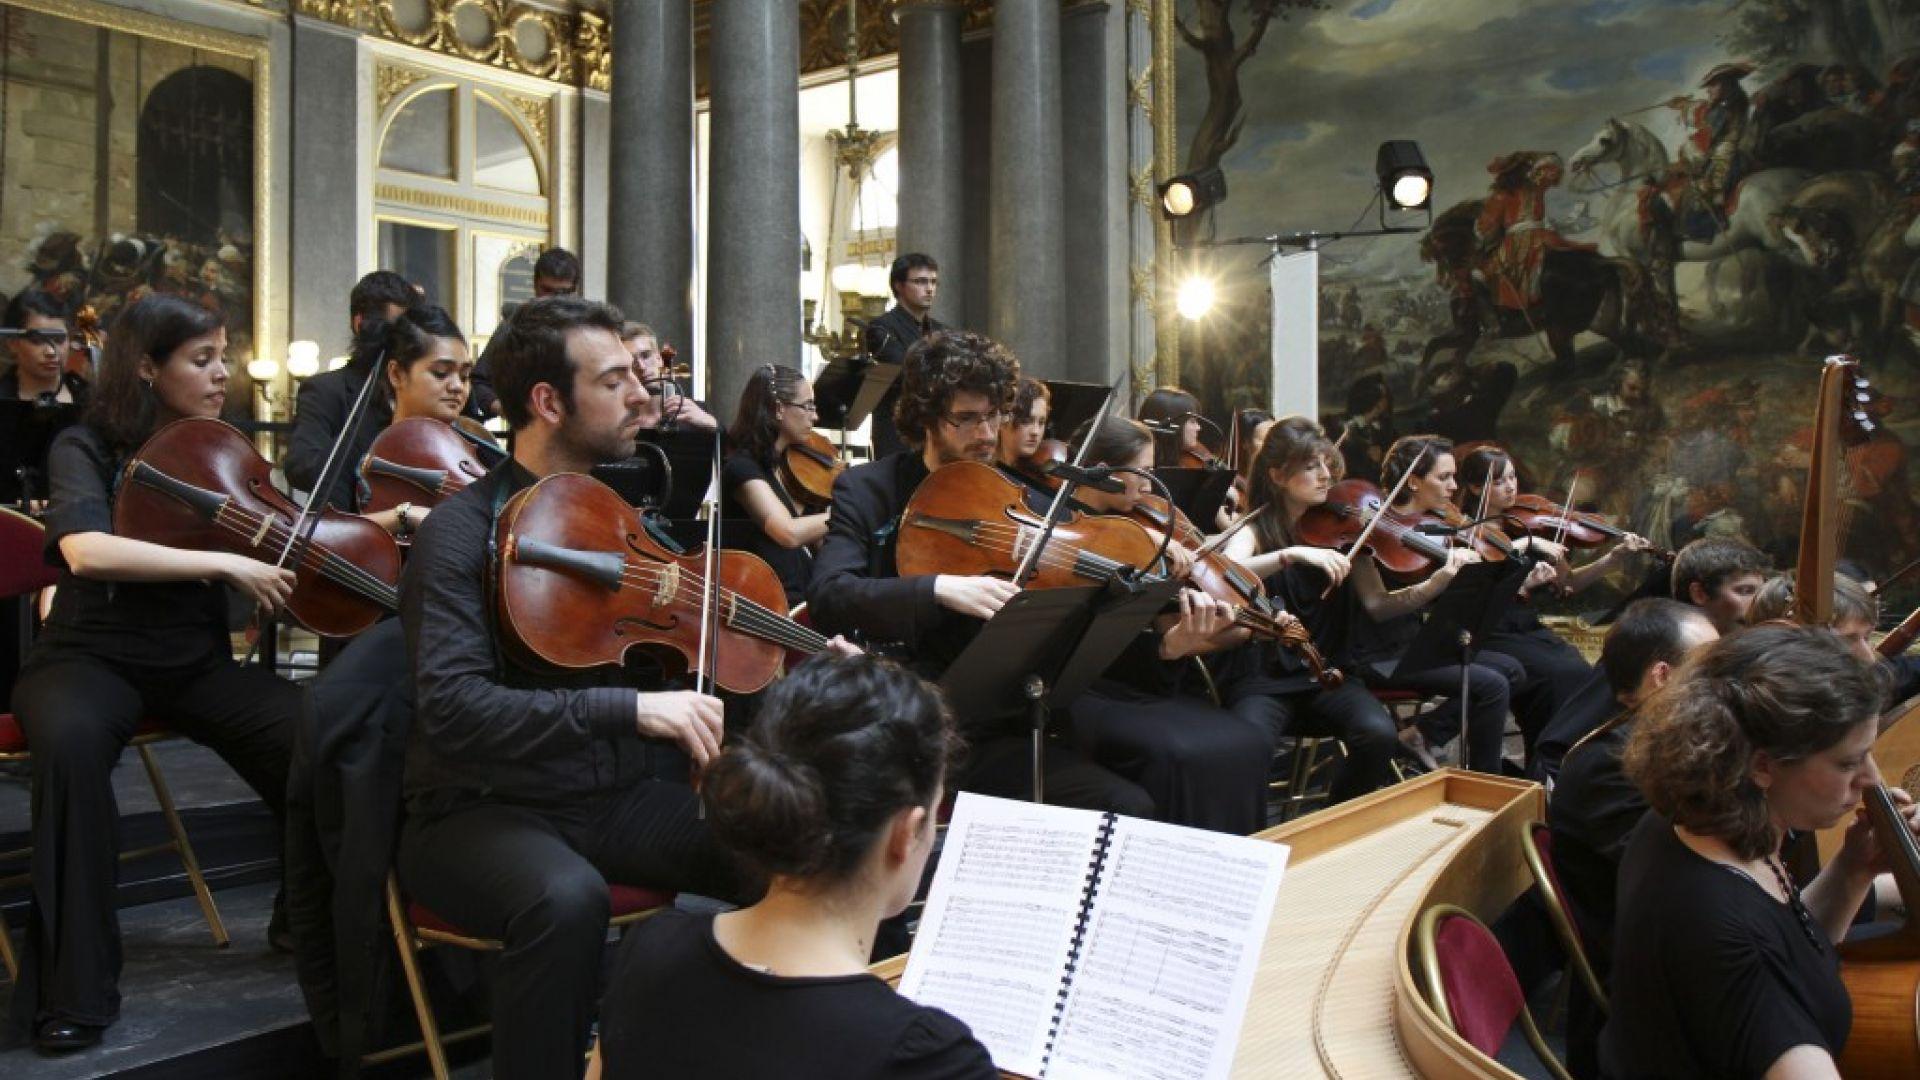 Académie de violon 2012 à Versailles avec le CMBV, direction Patrick Cohen Akenine et Sir Roger Norringhton